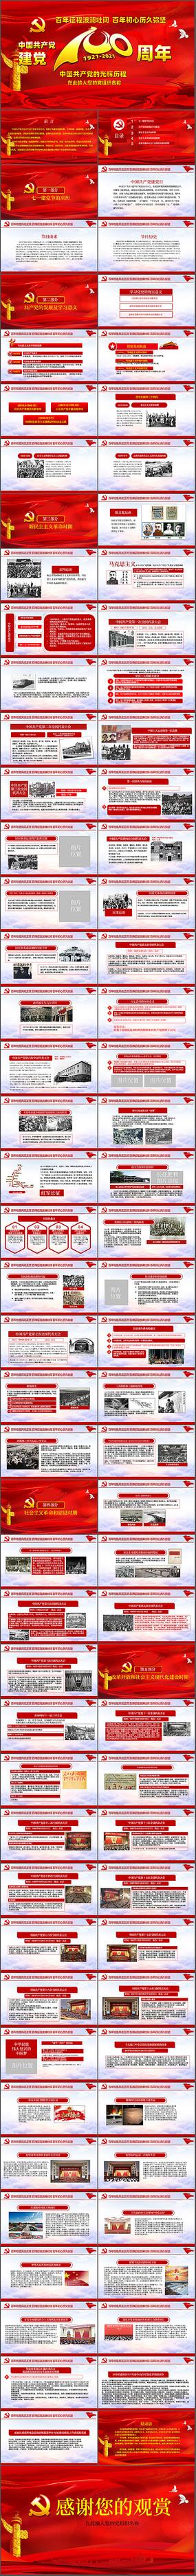 学习党史建党100周年PPT